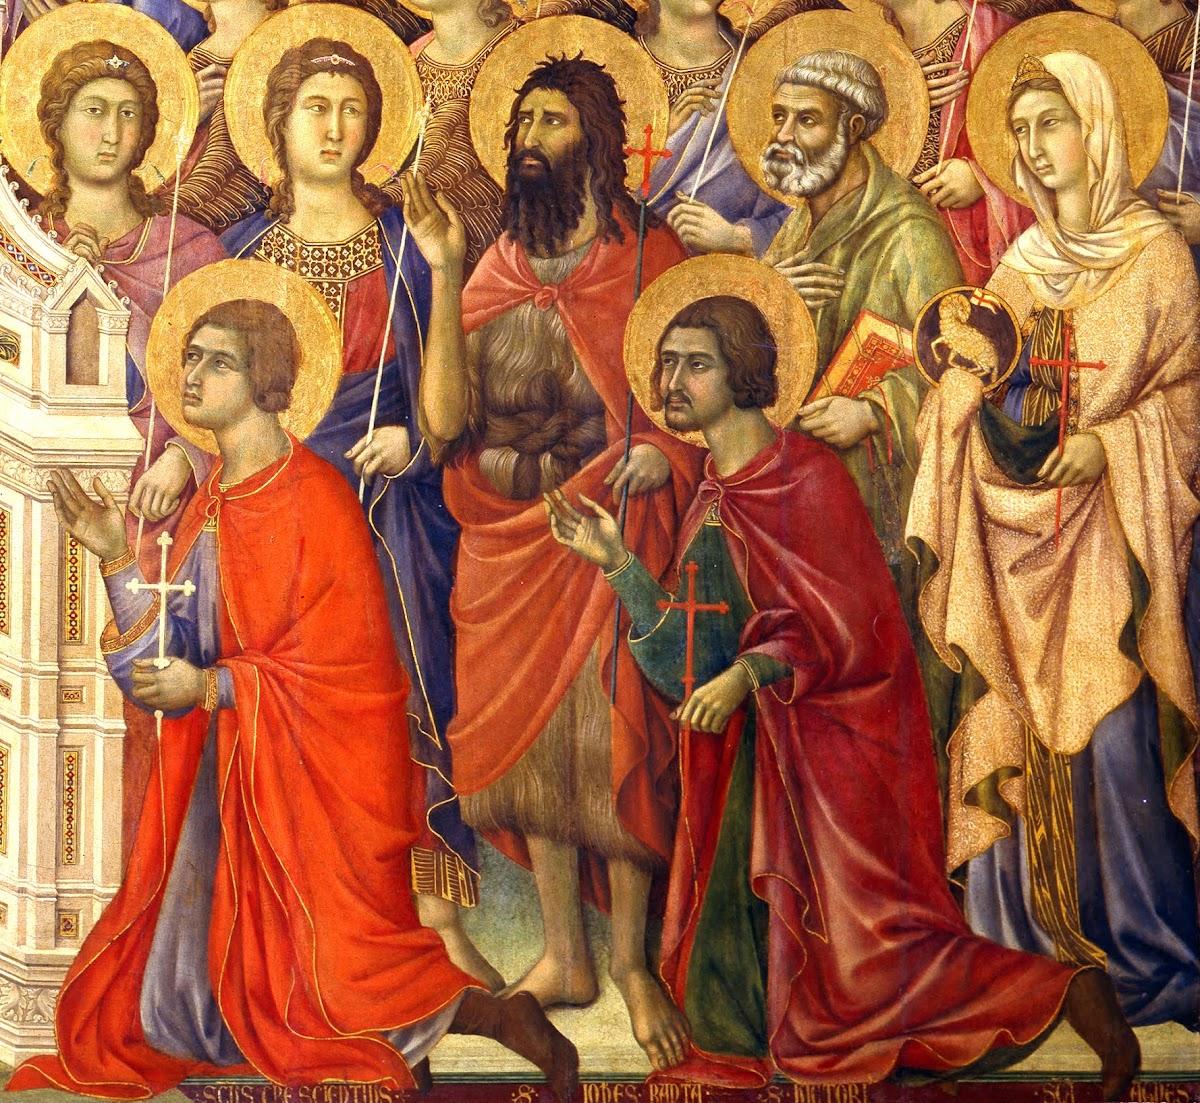 Duccio di Boninsegna, Maestà del Duomo di Siena (1308-1311), particolare della tavola principale - genoflessi (da sinistra): San Crescenzio e San Vittore, Patroni di Siena - in piedi (da sinistra): San Giovanni Battista, San Pietro e Sant'Agnese